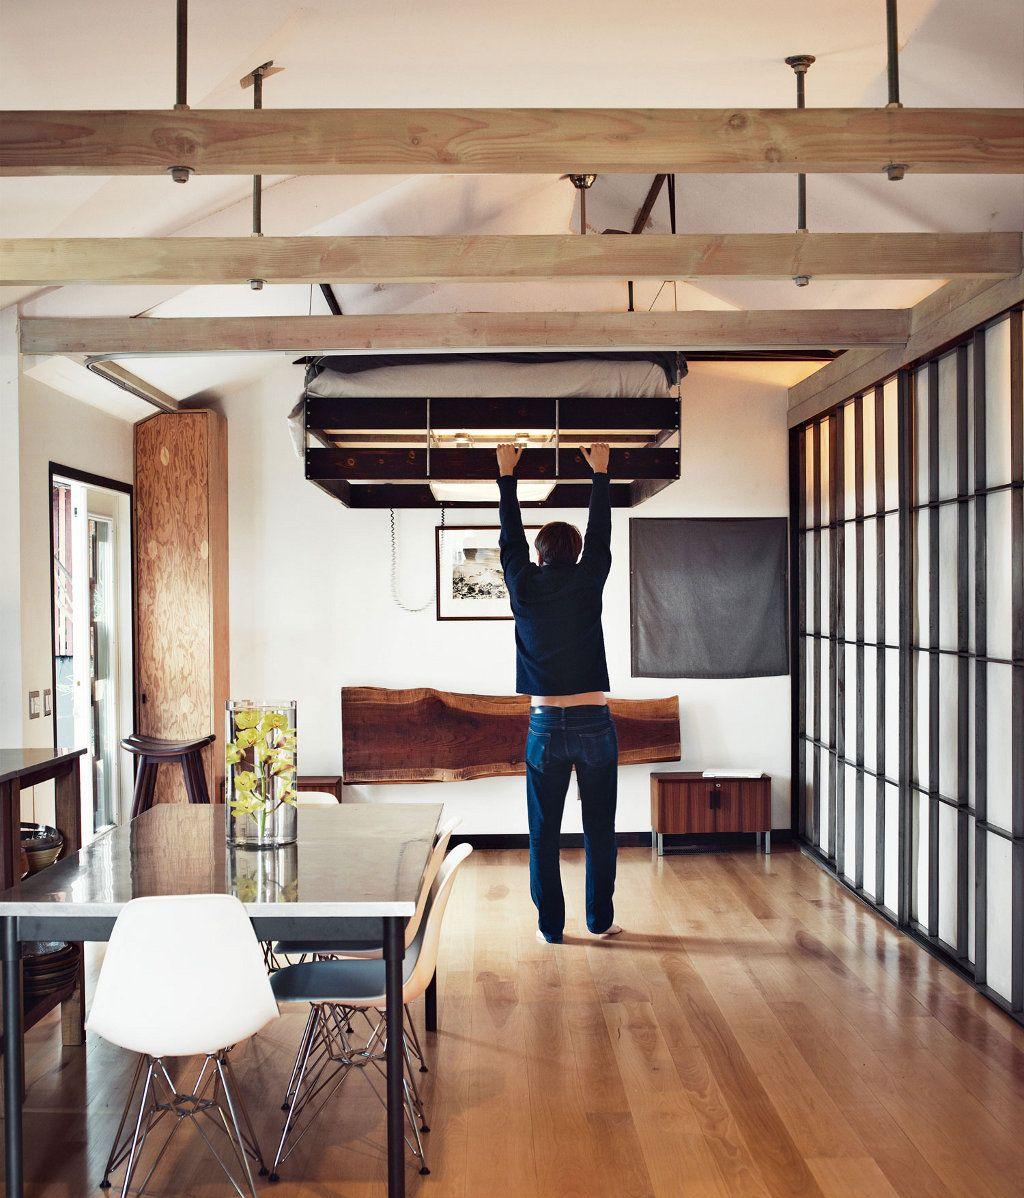 Innenarchitektur wohnzimmer für kleine wohnung zwei hängebetten die komfort auf ein neues niveau bringen  möbel